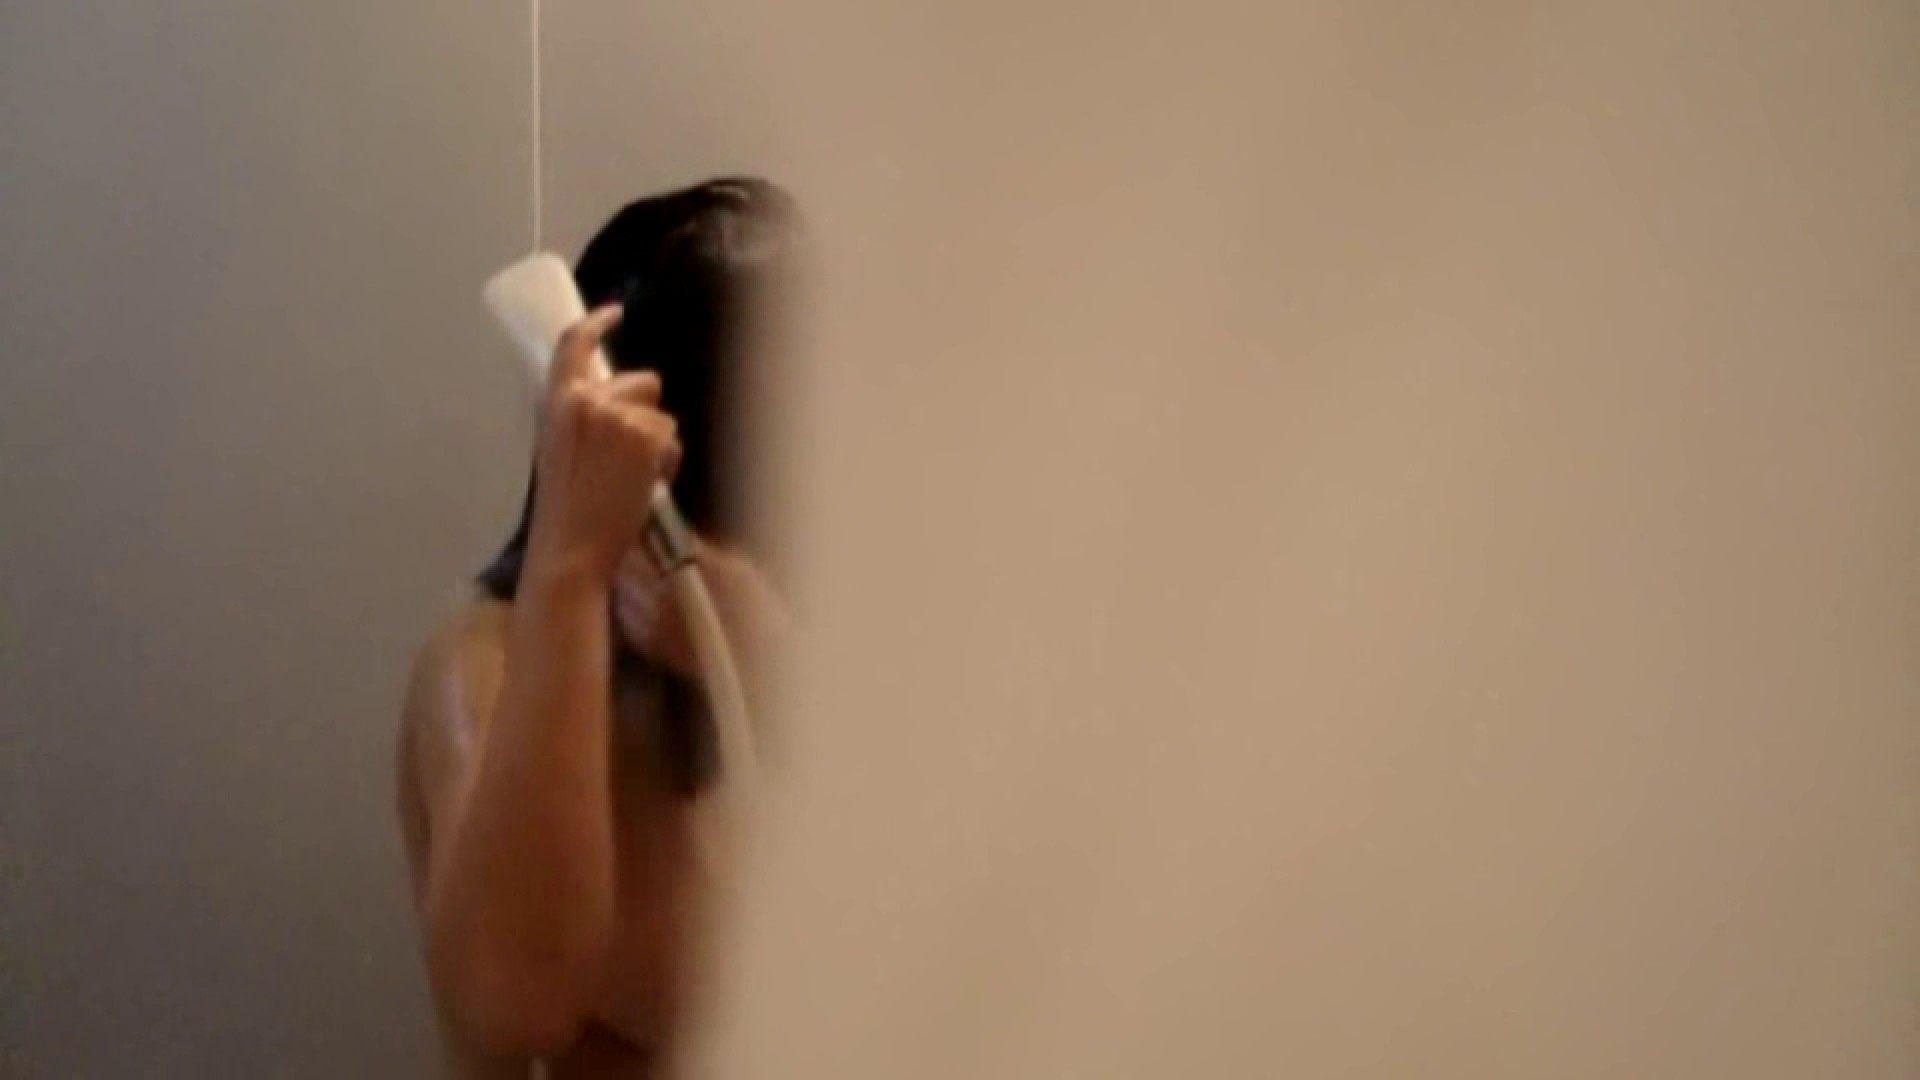 Vol.02 葵のグラドル顔負けの爆乳を入浴シーンでどうぞ。 OLのエロ生活 | ギャル入浴  55連発 13